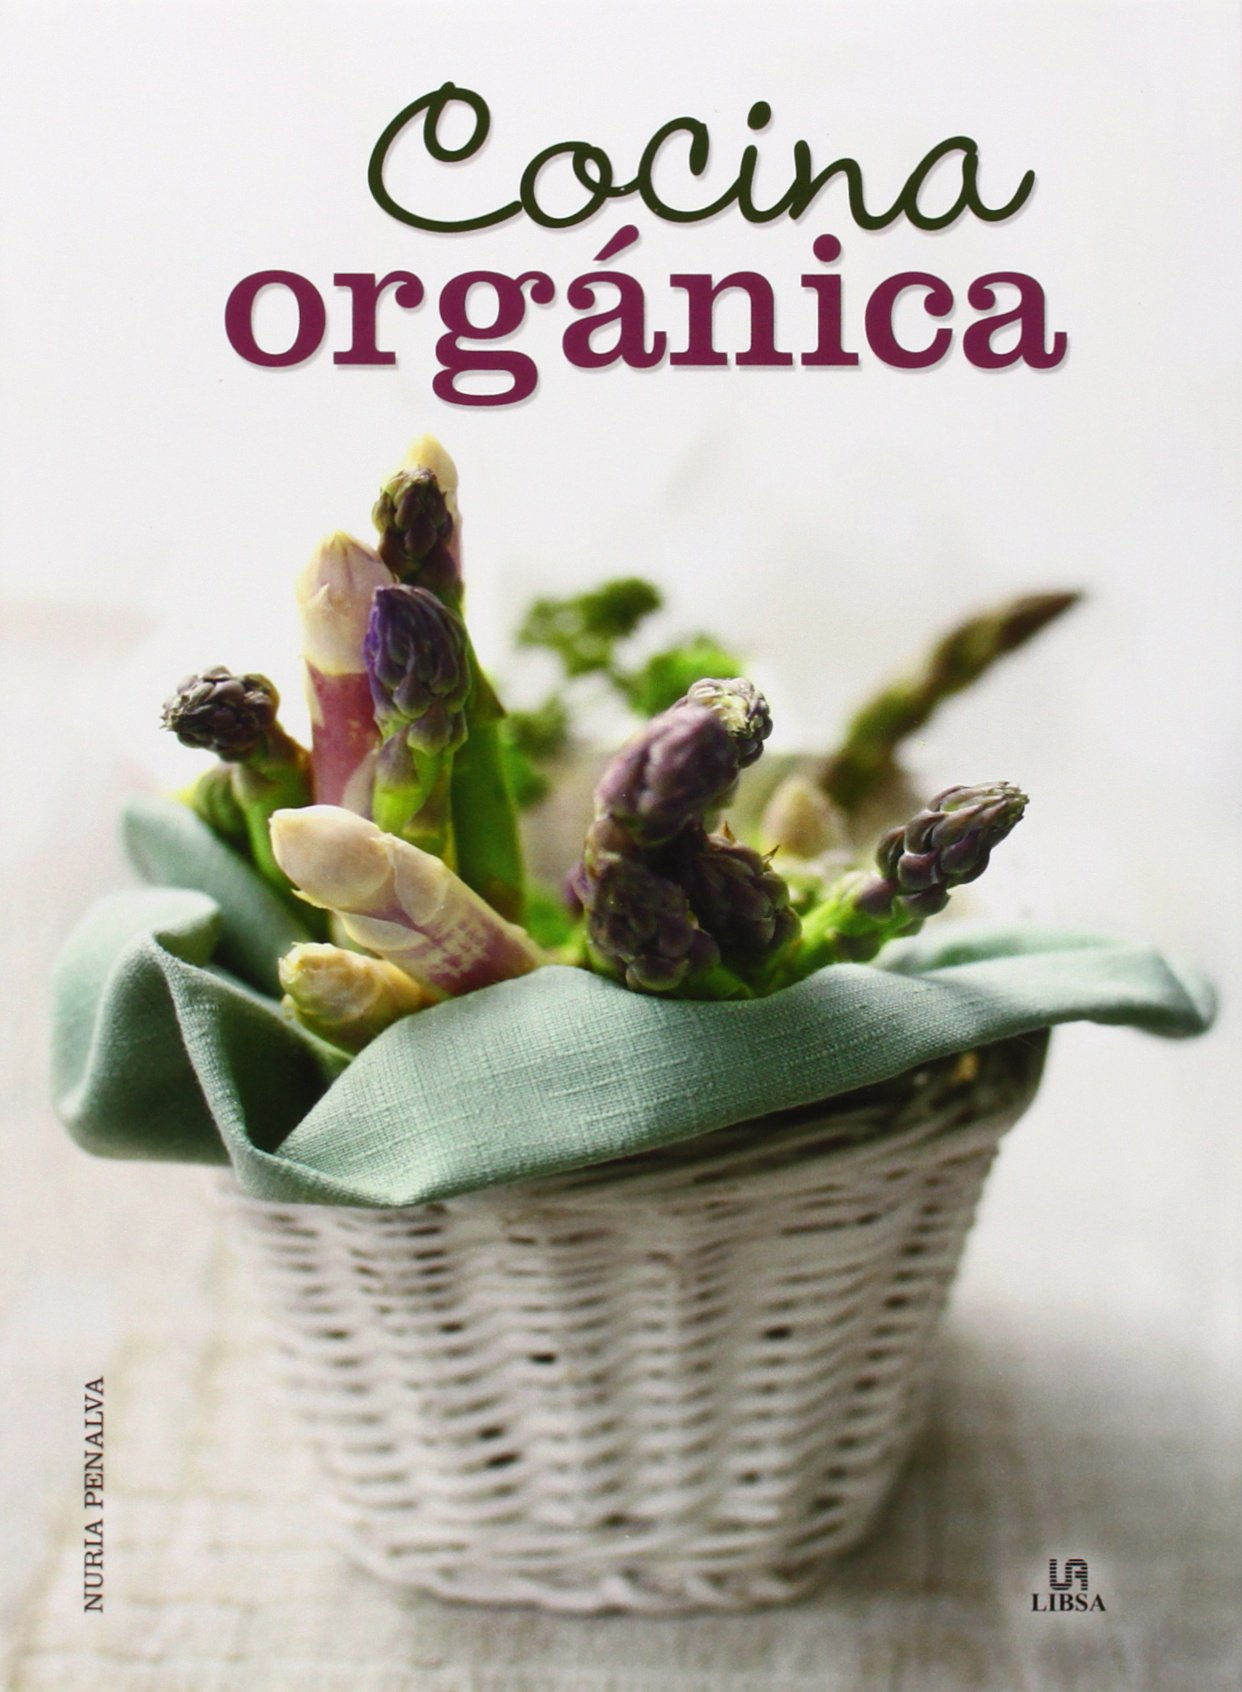 Cocina orgánica (Especial) (Español) Tapa dura